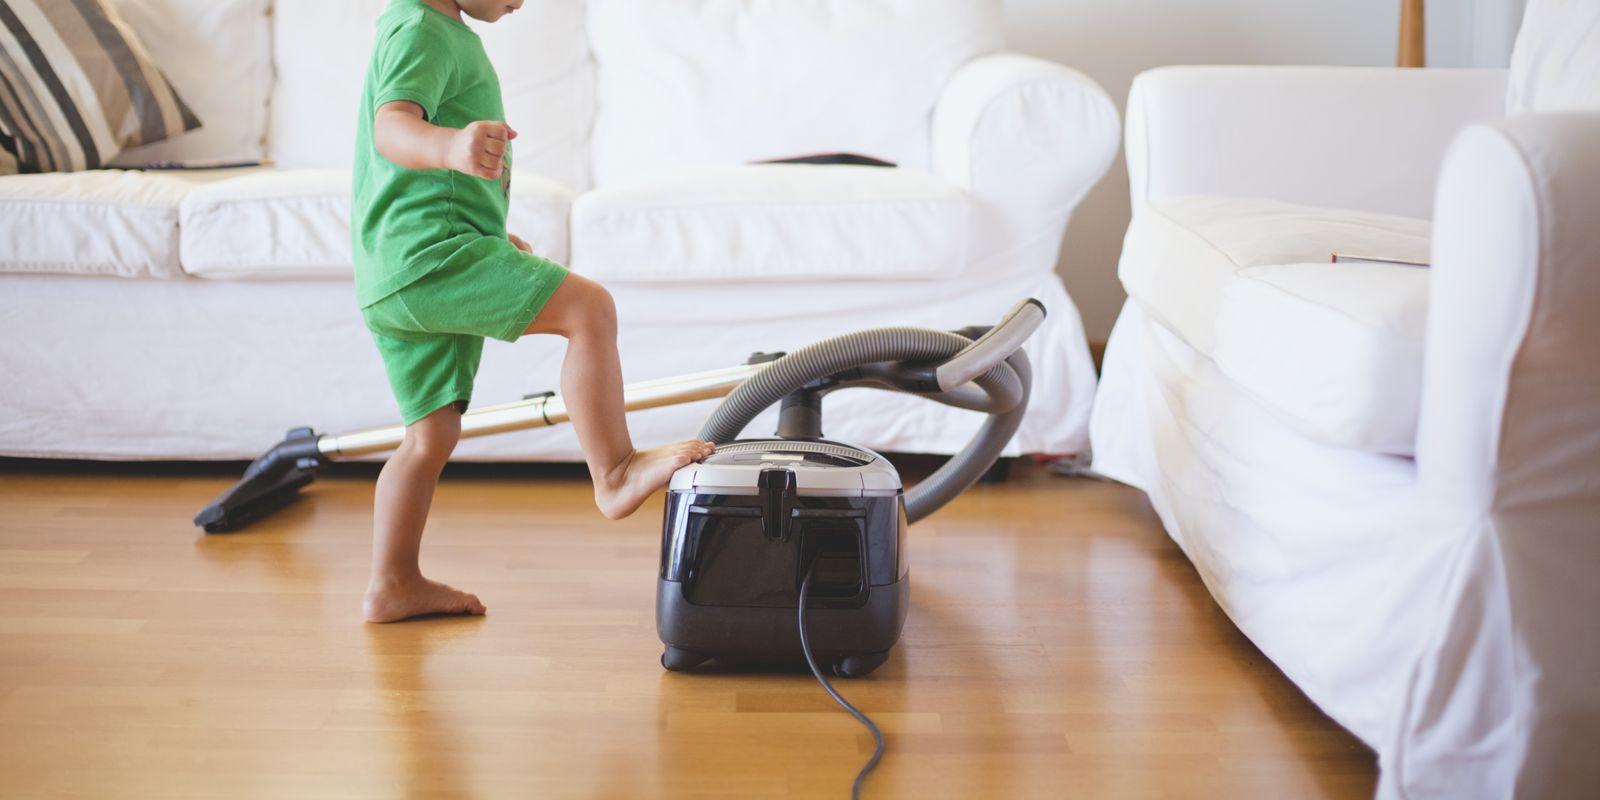 工作声音吵、有线又很烦,哪种吸尘器用着才称心?